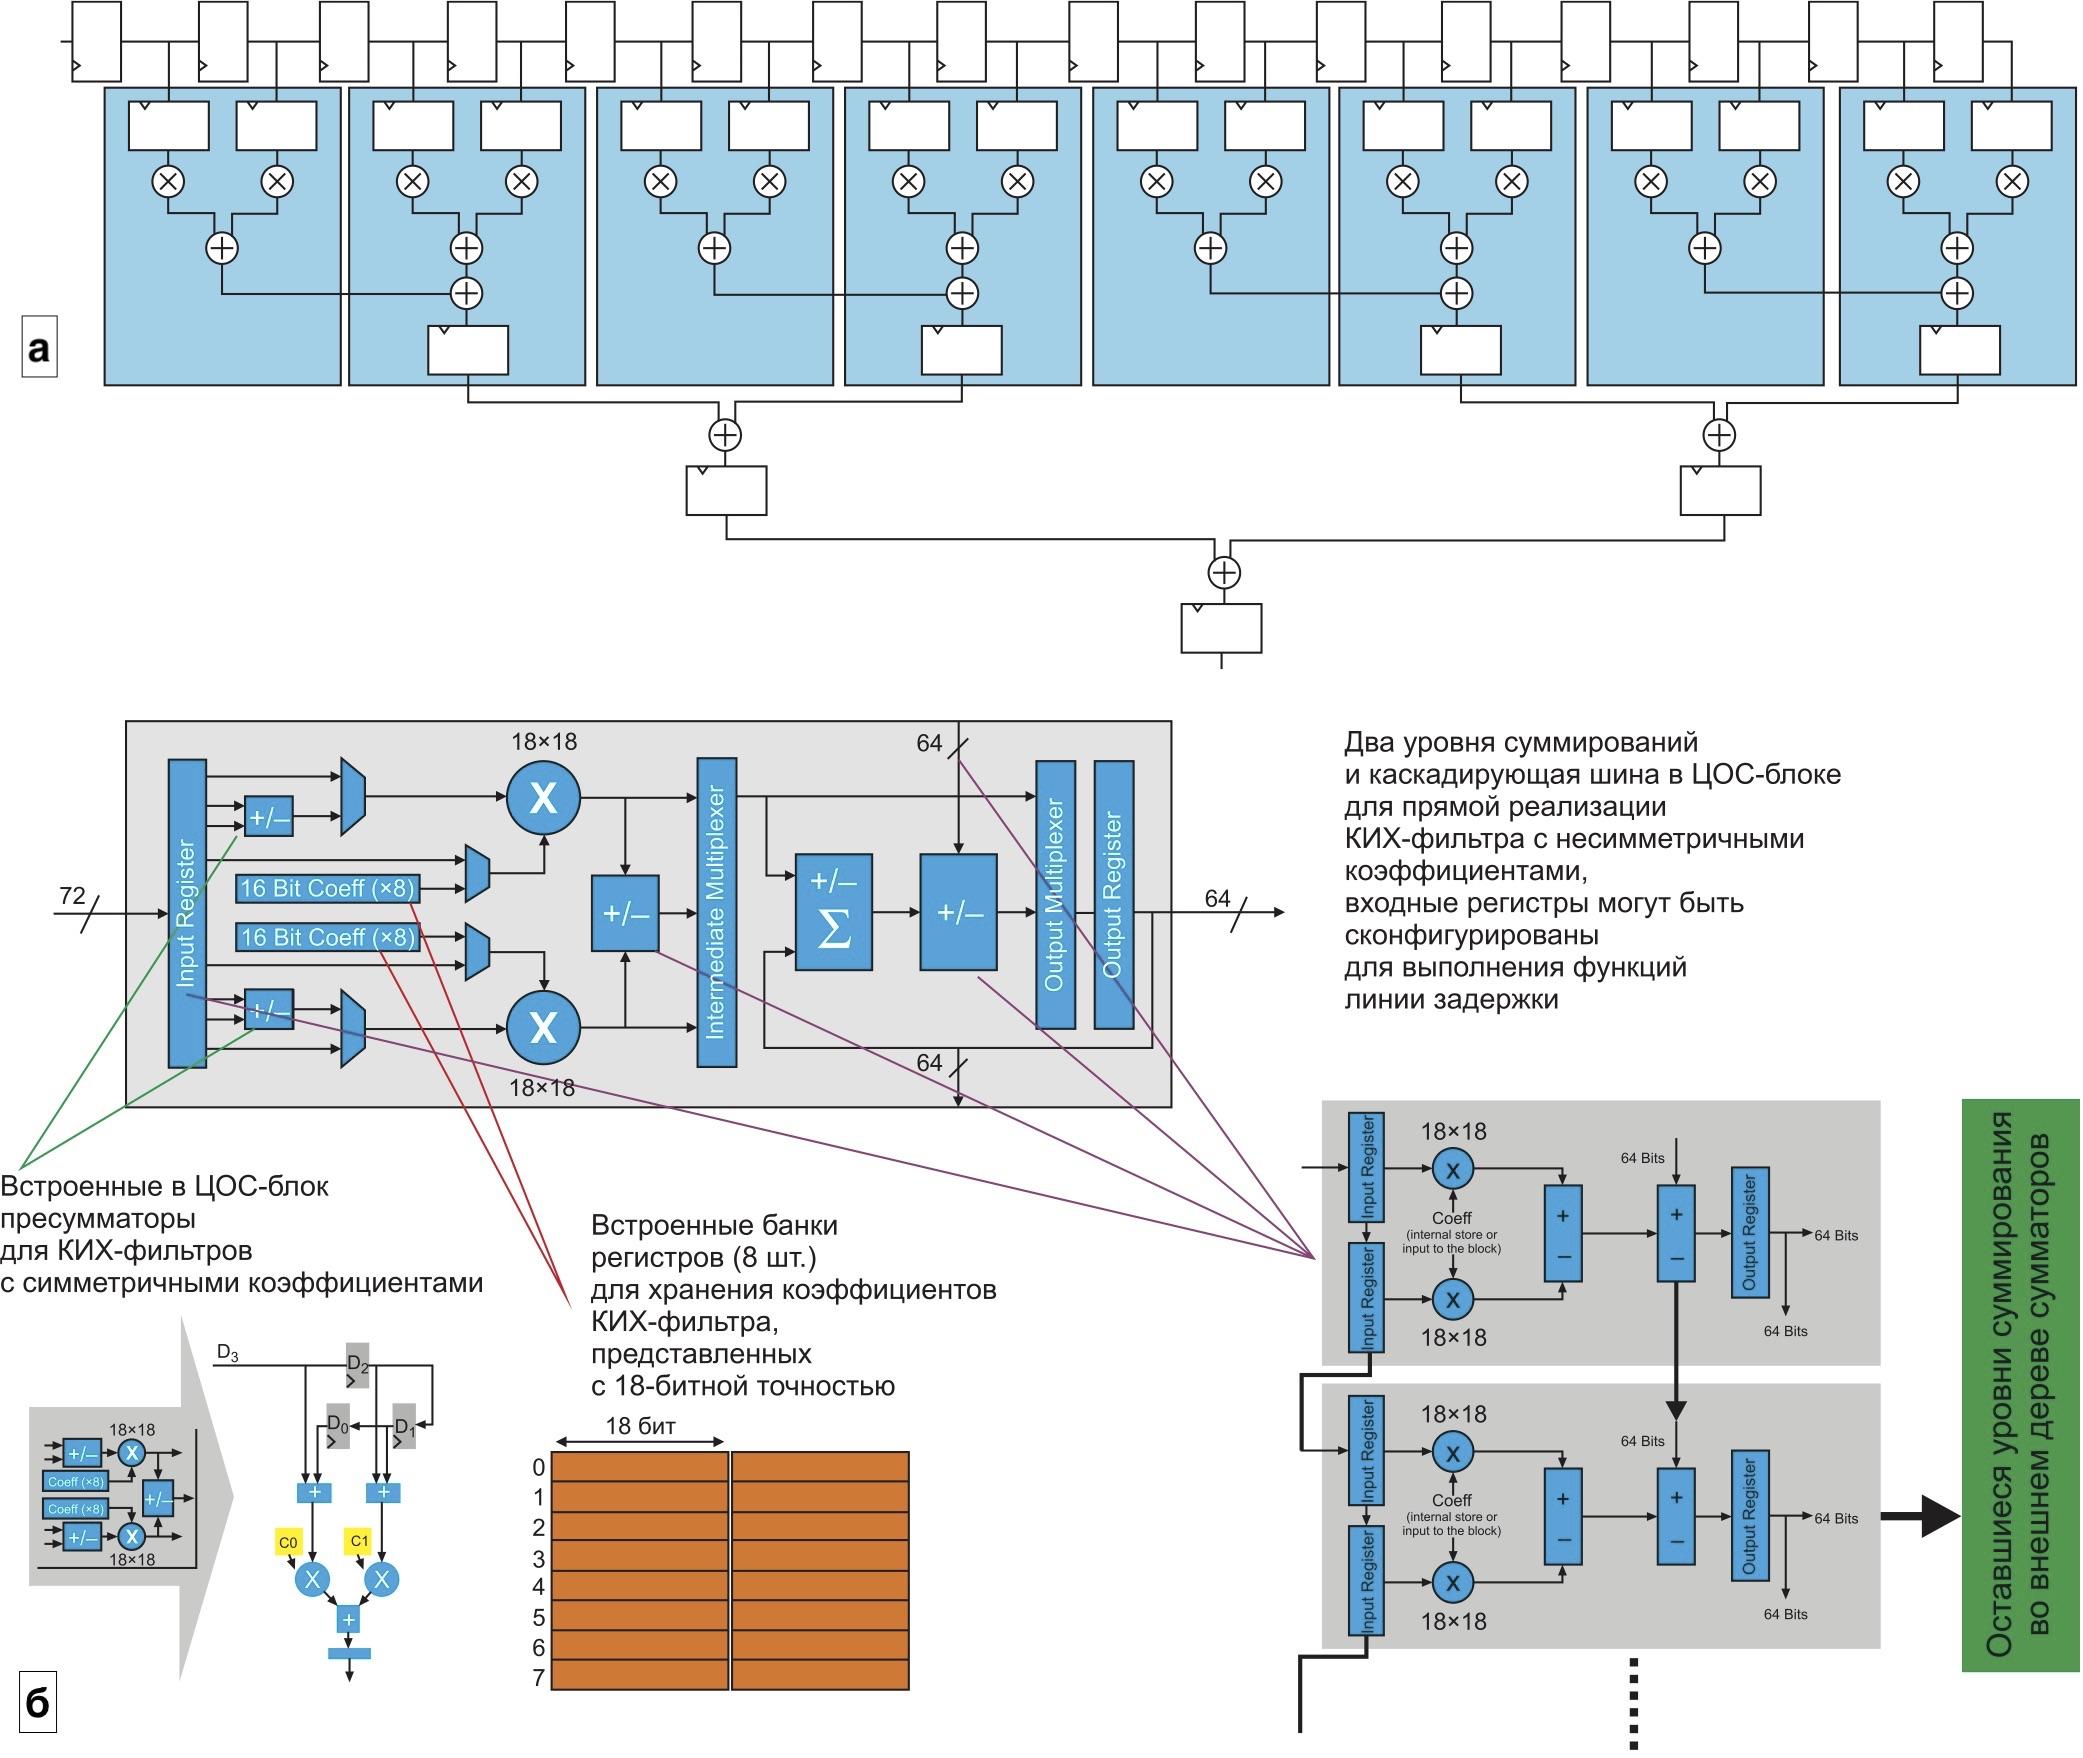 Прямая форма КИХ-фильтра с несимметричными коэффициентами на 16 отводов с использованием ЦОС-блоков ПЛИС серии Stratix V. Коэффициенты представлены с 18-битной точностью. б) Режимы ЦОС-блока для прямой реализации КИХ-фильтра с симметричными и несимметричными коэффициентами